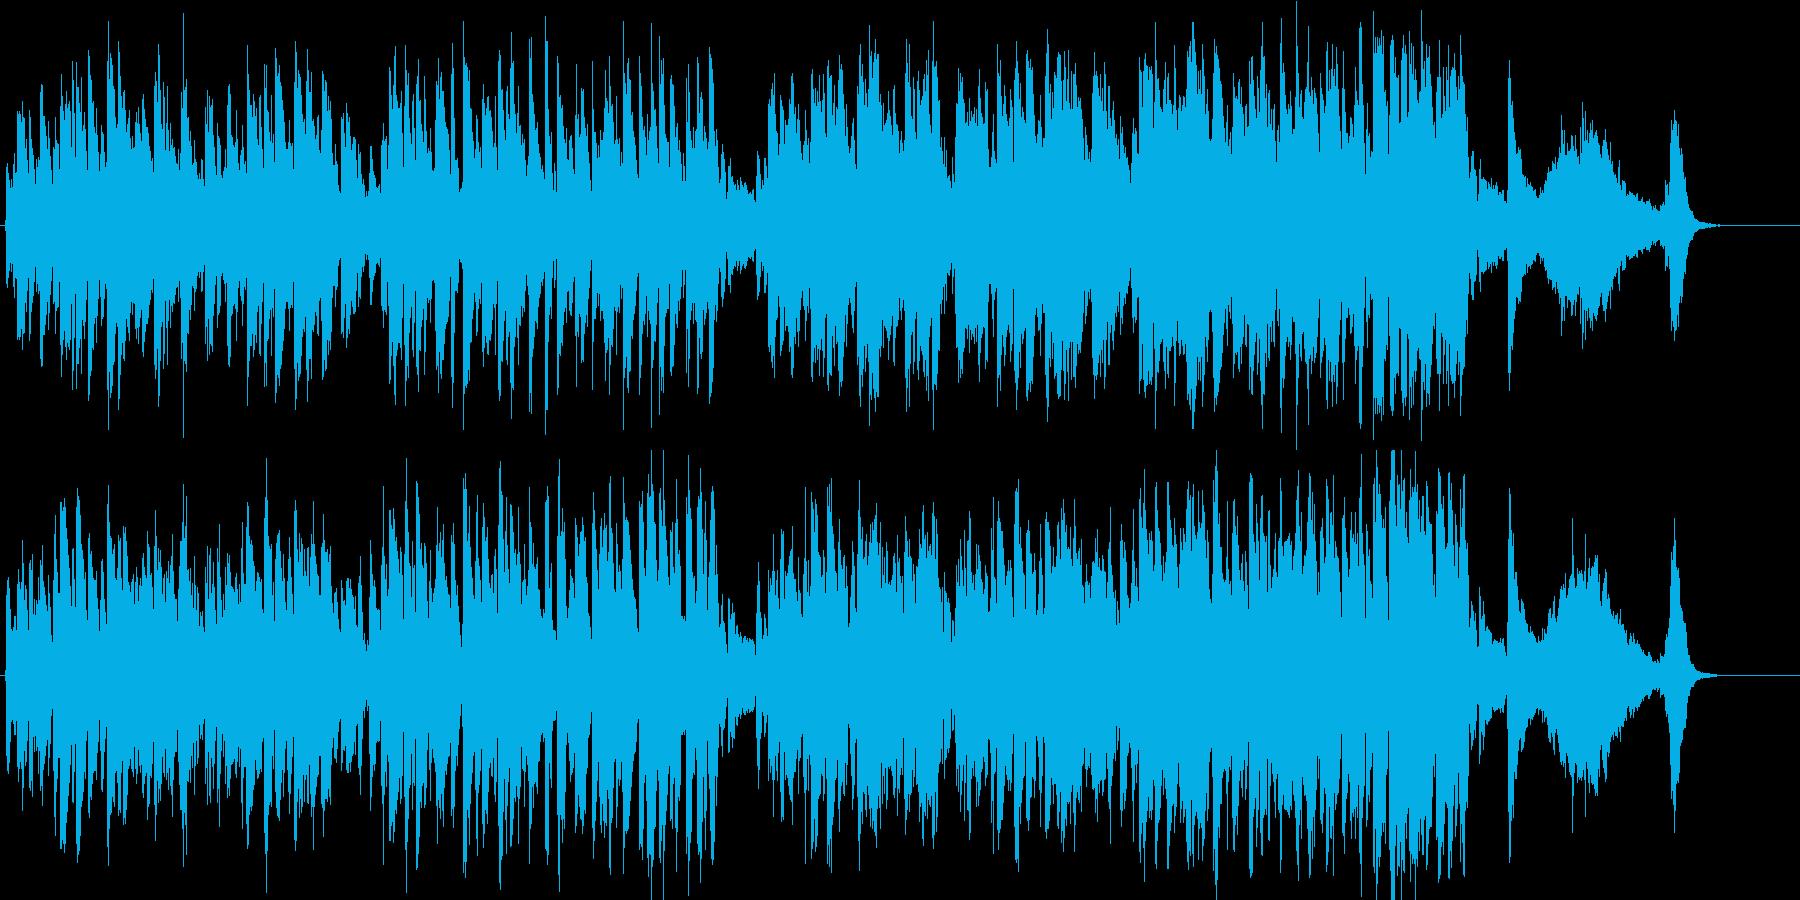 陽気なピアノ曲の再生済みの波形